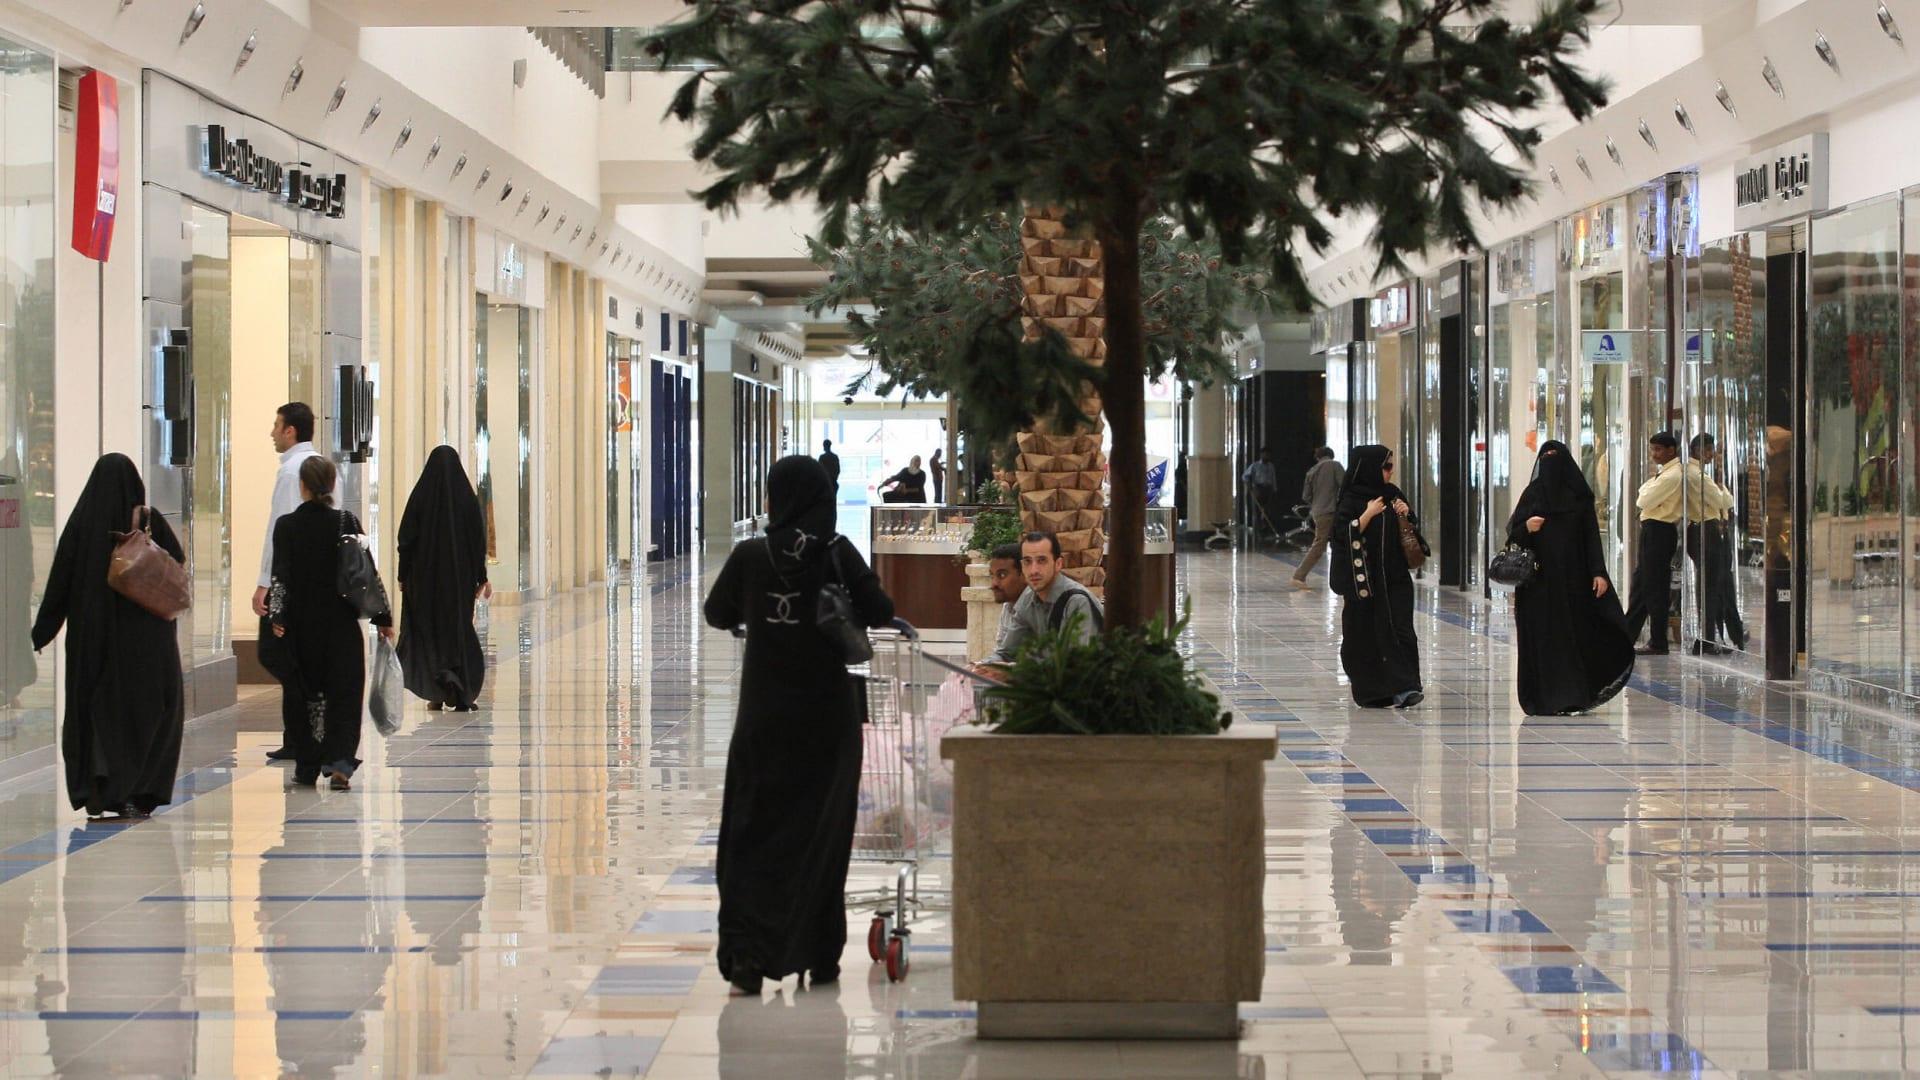 صورة أرشيفية من أحد المجمعات التجارية في السعودية